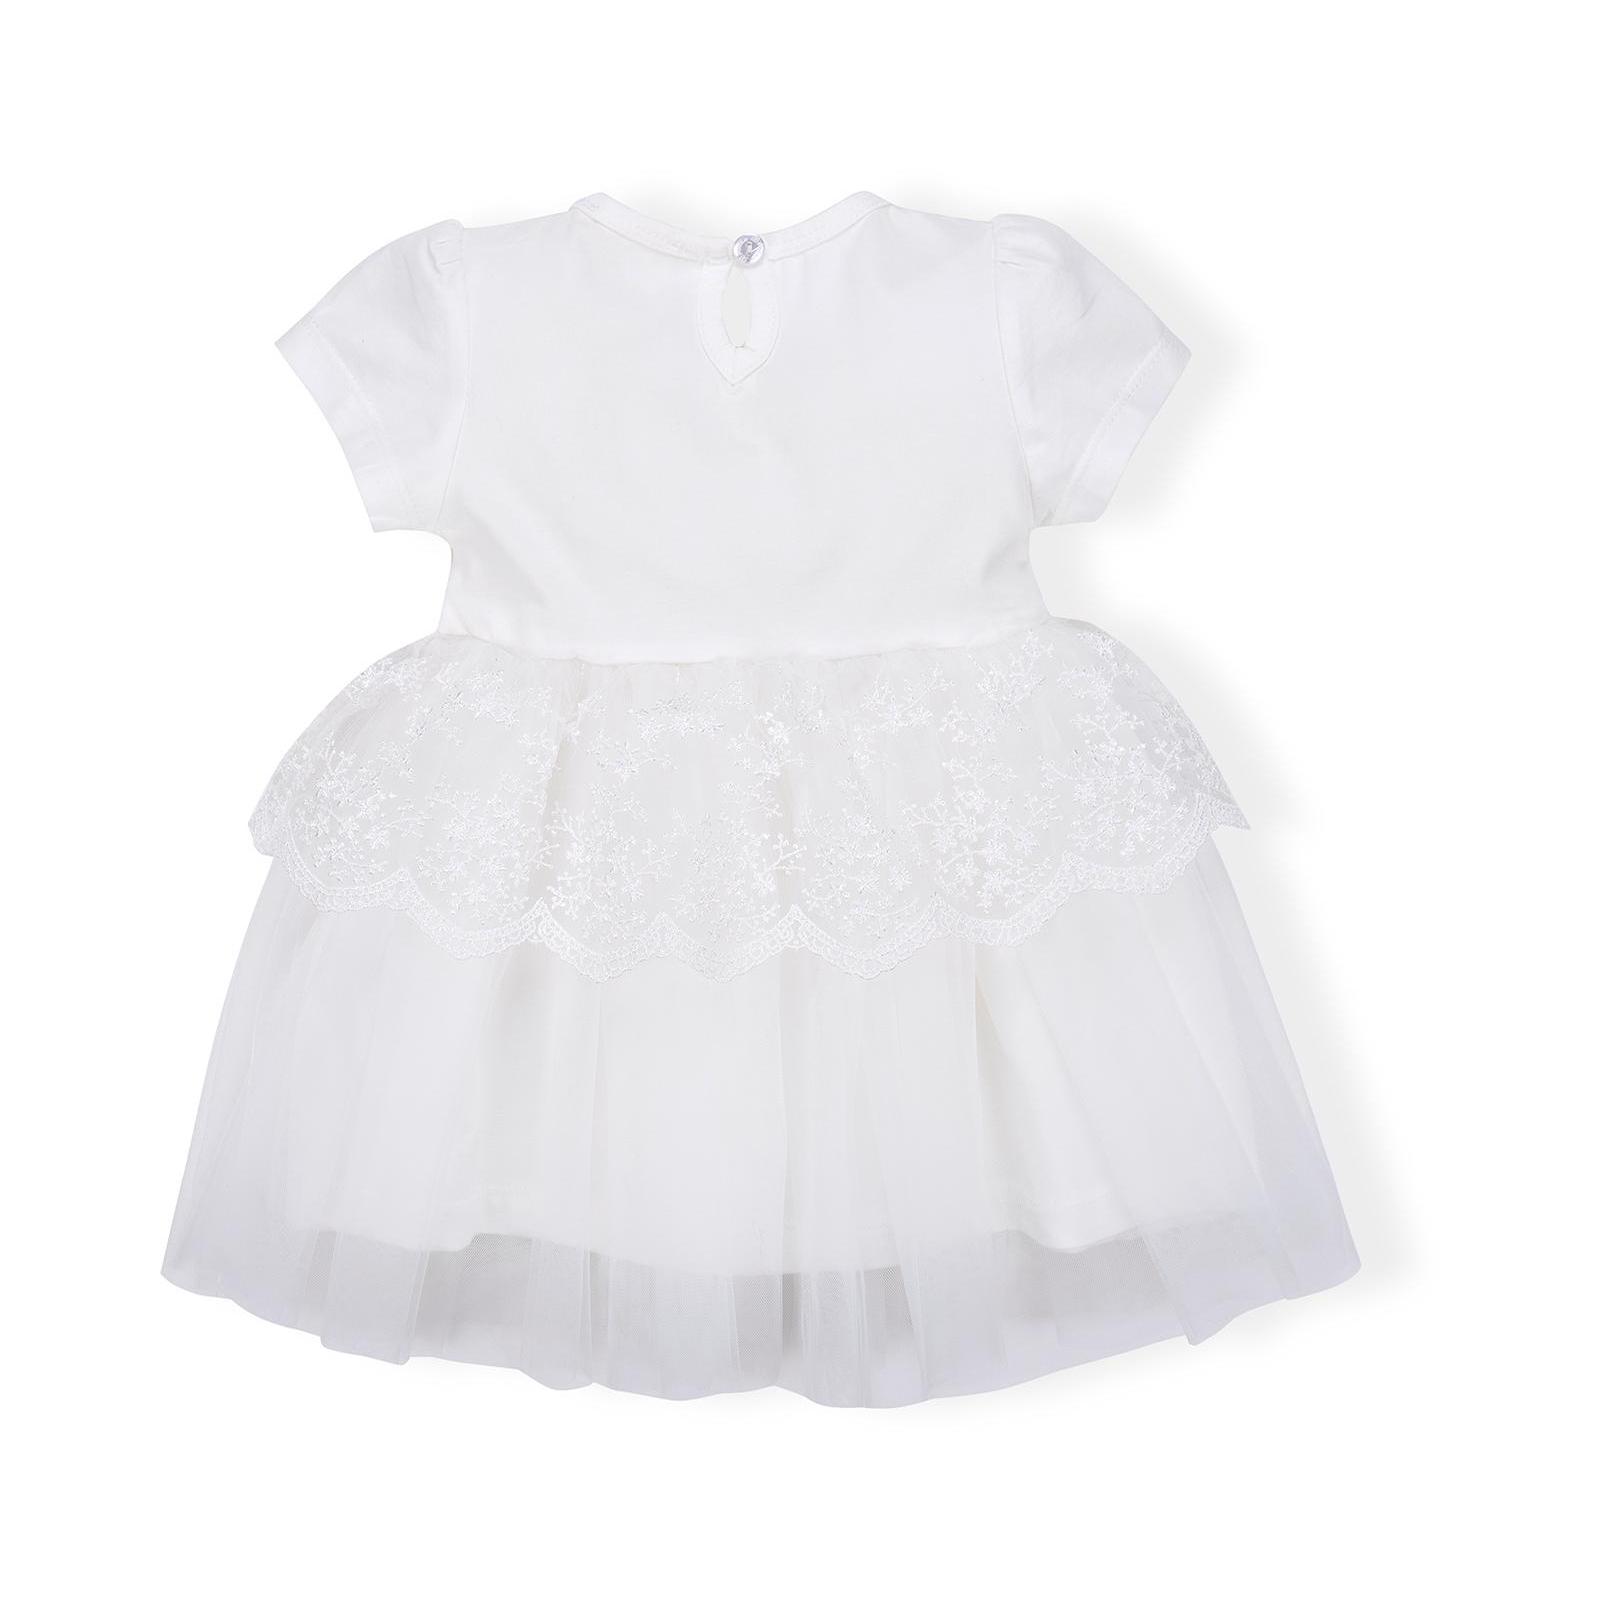 Платье Breeze кружевное с оборками (9011-86G-cream) изображение 2